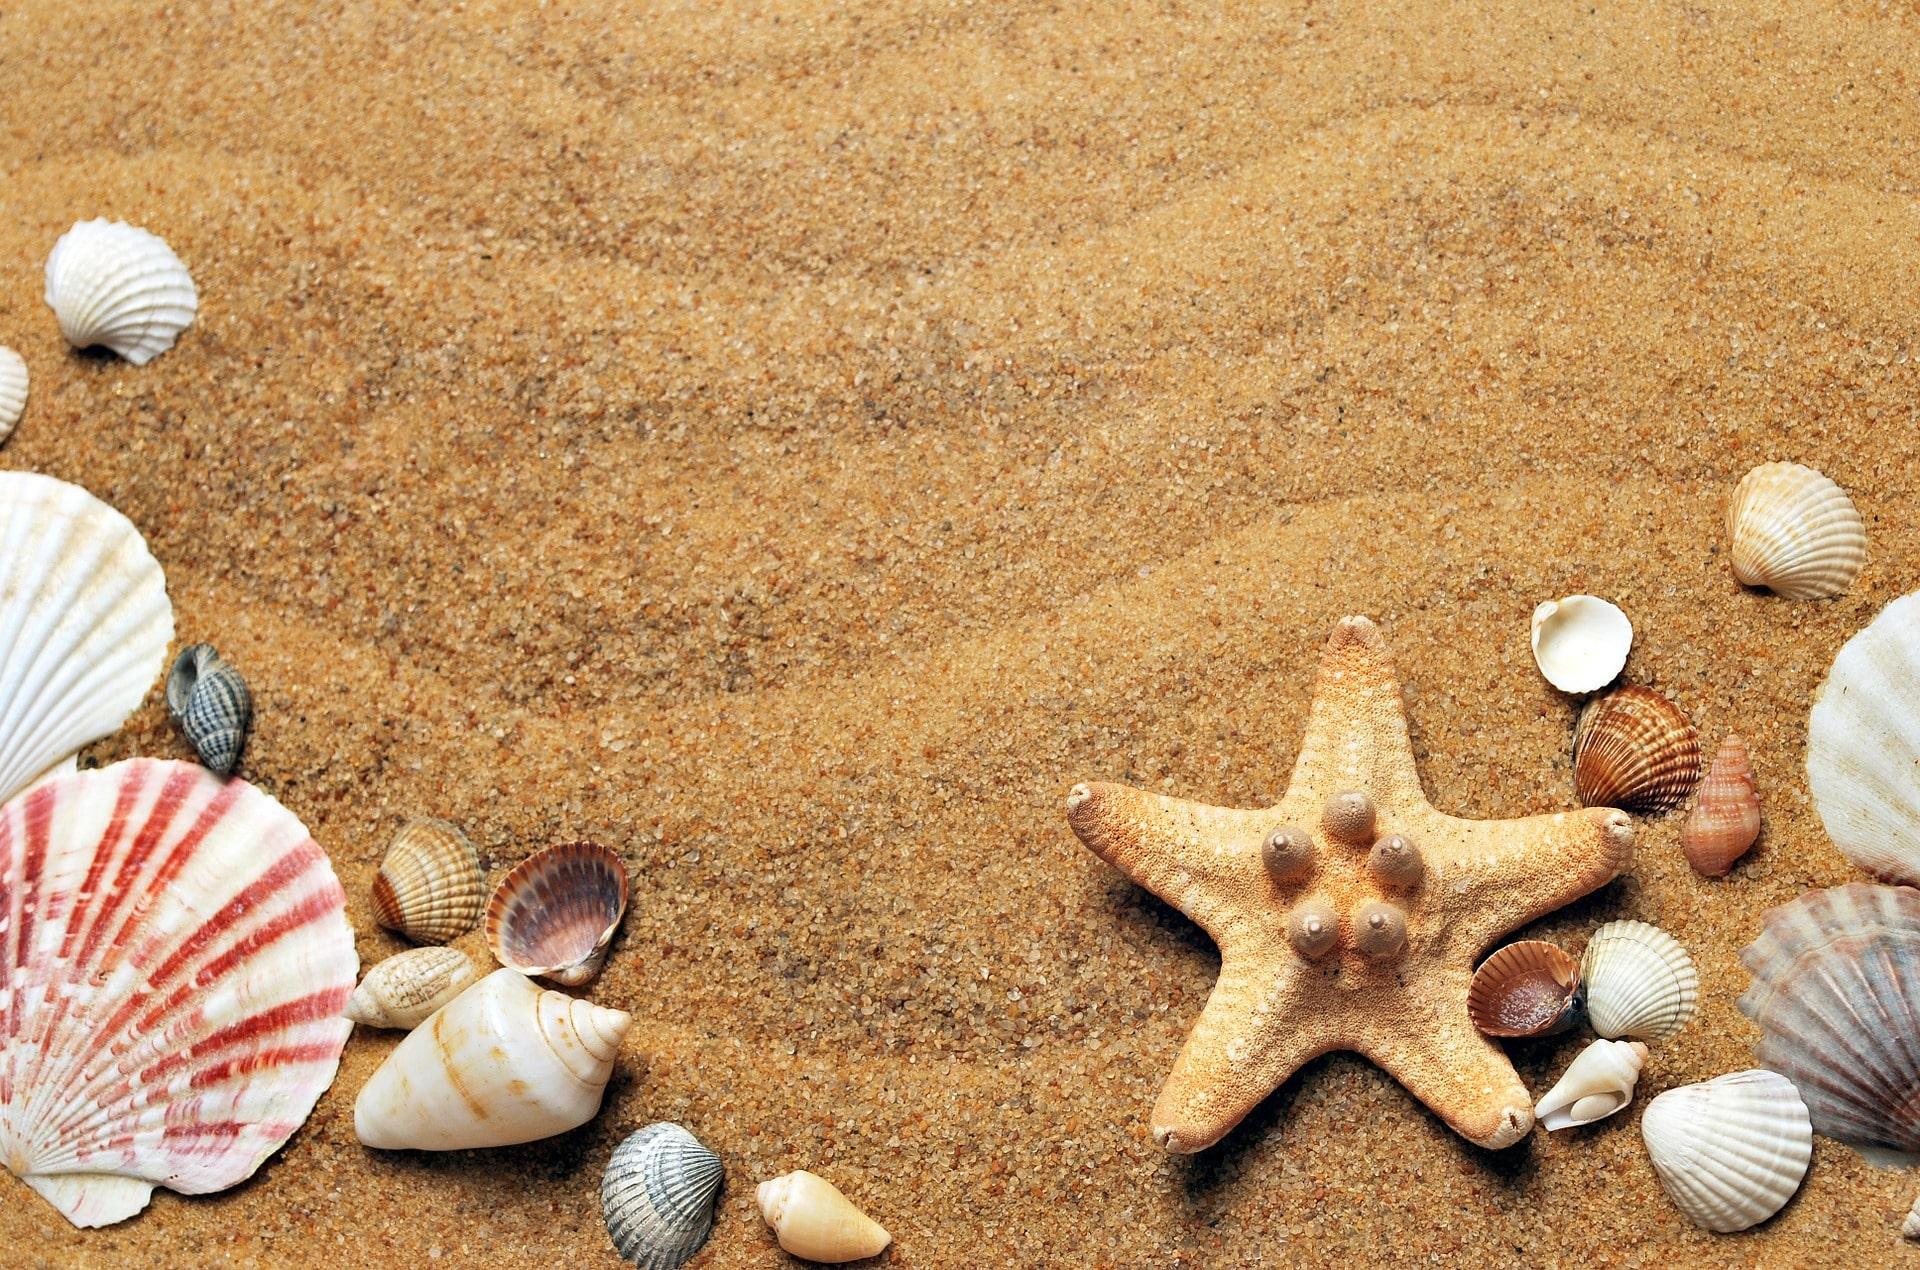 Endlich Sommerferien – aber was unternehmen?